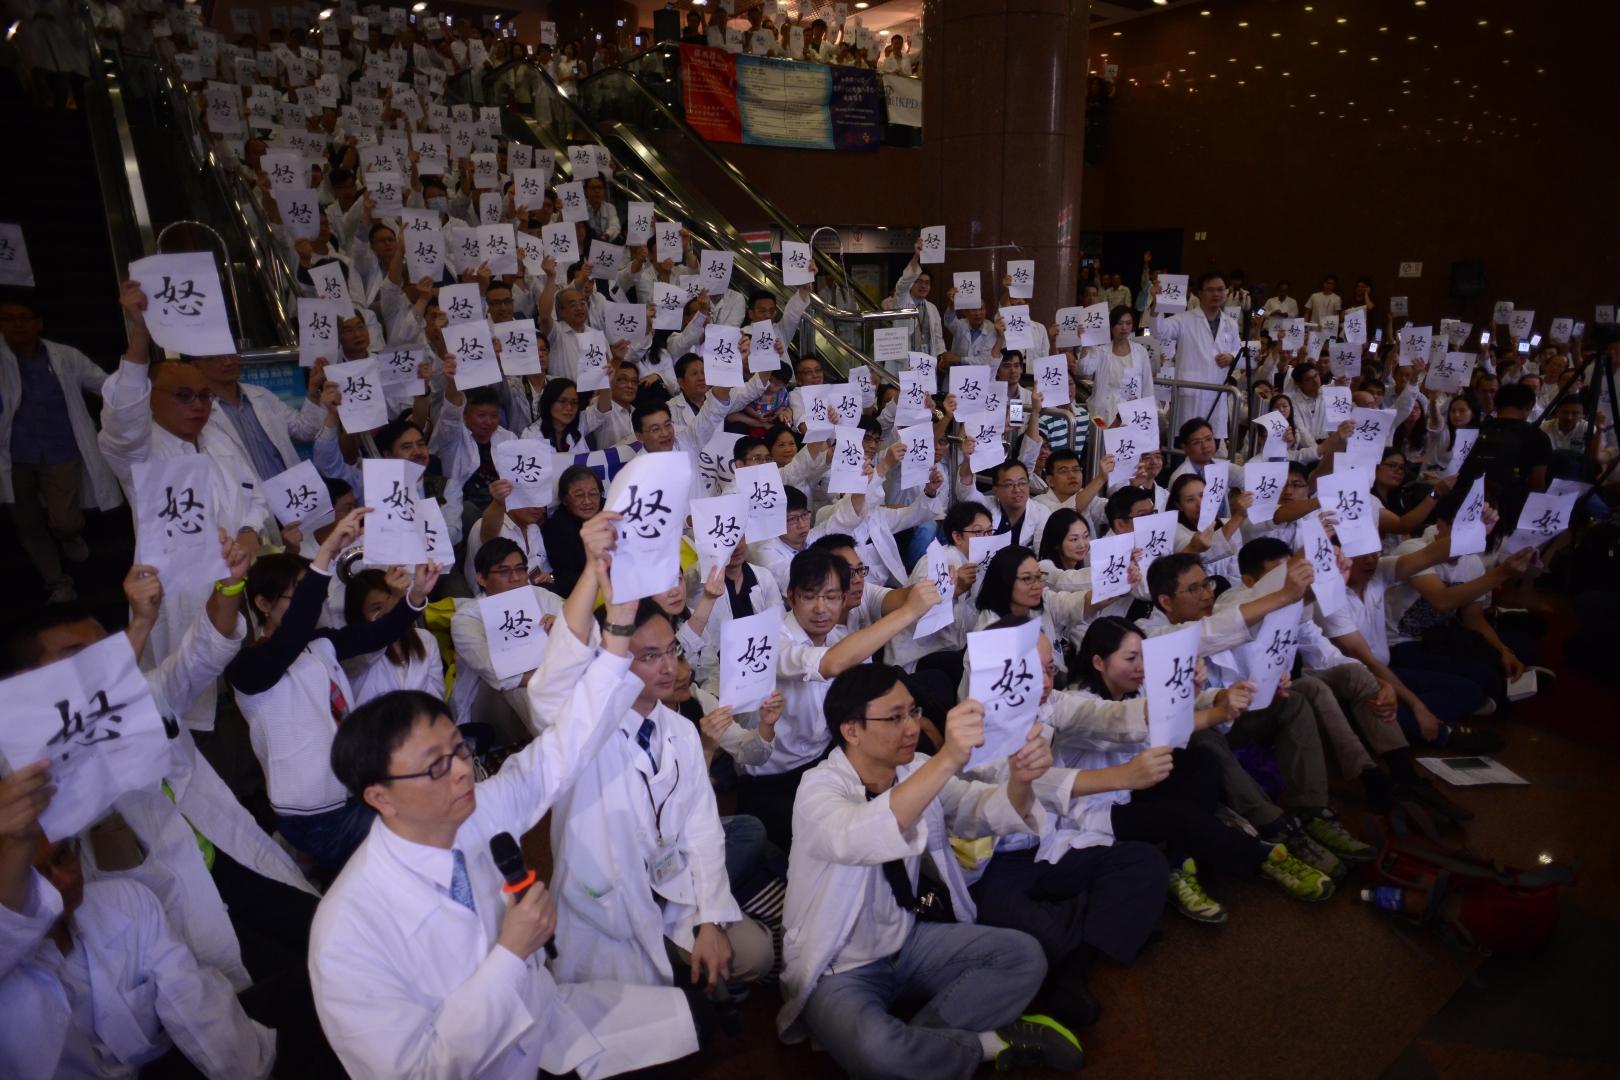 總有一天,香港社會需要認真想想,究竟醫療主要是一種社會服務,還是它亦可以更積極地以服務業的其中一環的姿態出現,成為一個重要的經濟部門呢?(亞新社)